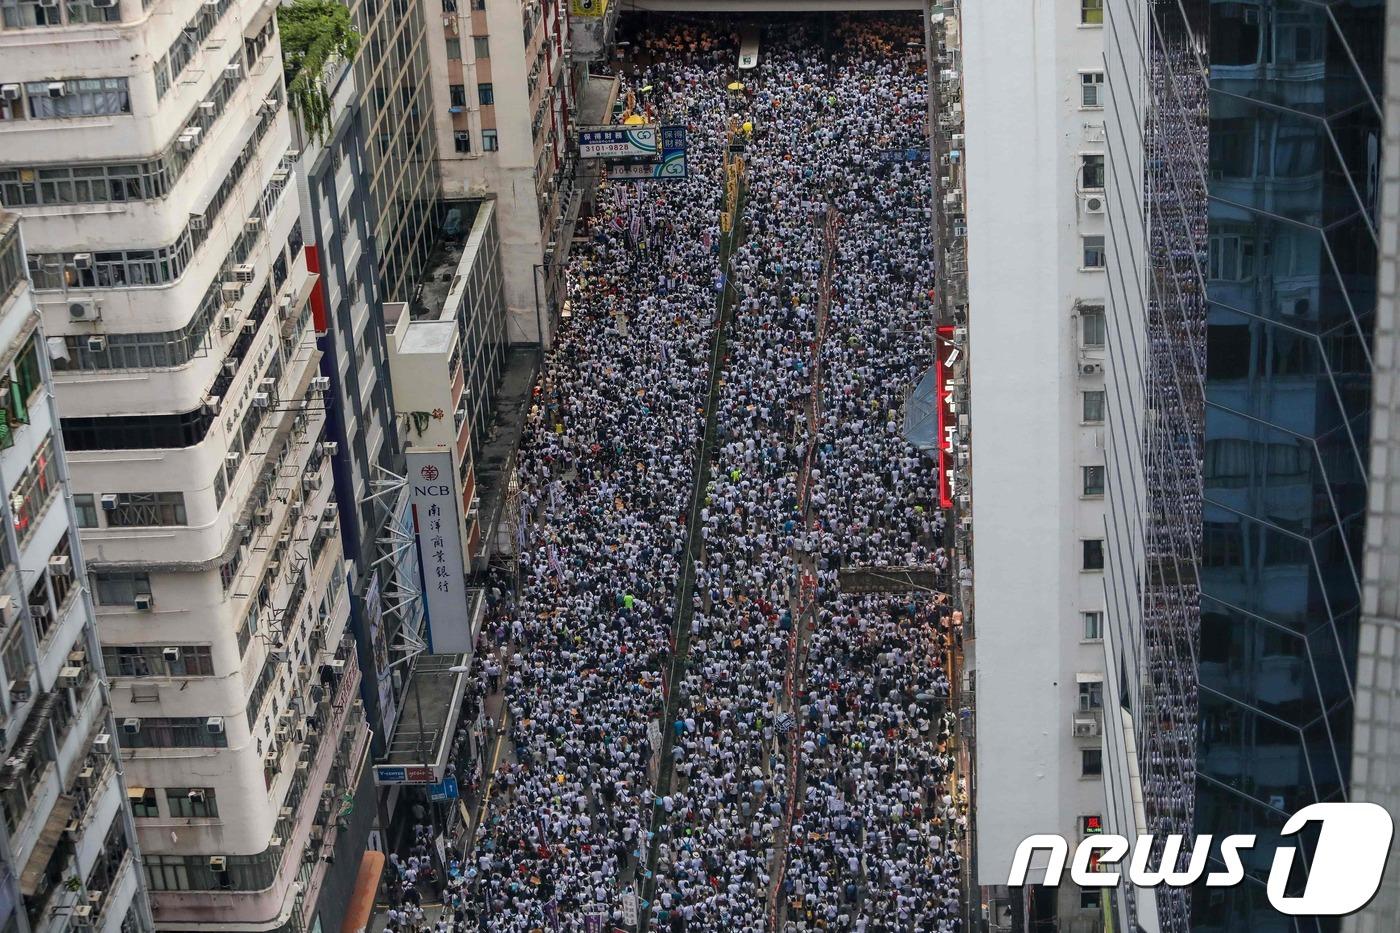 100만명 운집한 홍콩의 범인 인도 협정 개정 반대 시위